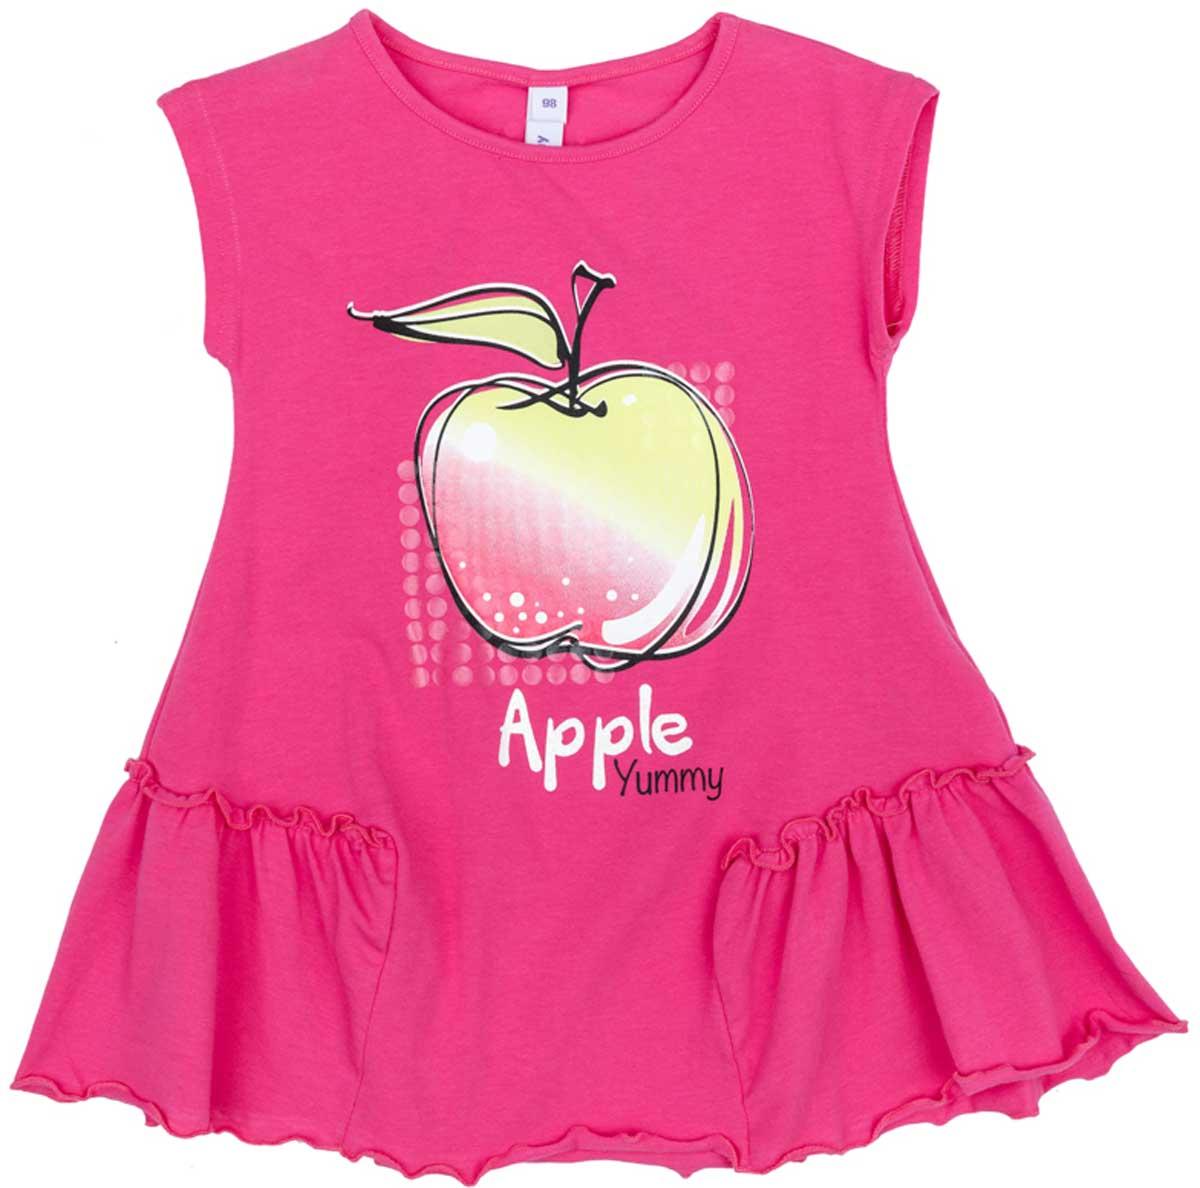 Платье для девочки PlayToday, цвет: розовый, белый, желтый. 172175. Размер 98172175Эффектное платье PlayToday насыщенного цвета из натуральной ткани сможет быть прекрасным дополнением летнего детского гардероба. Модель декорирована ярким принтом. По бокам нестандартные вставки с мягкими оборками.